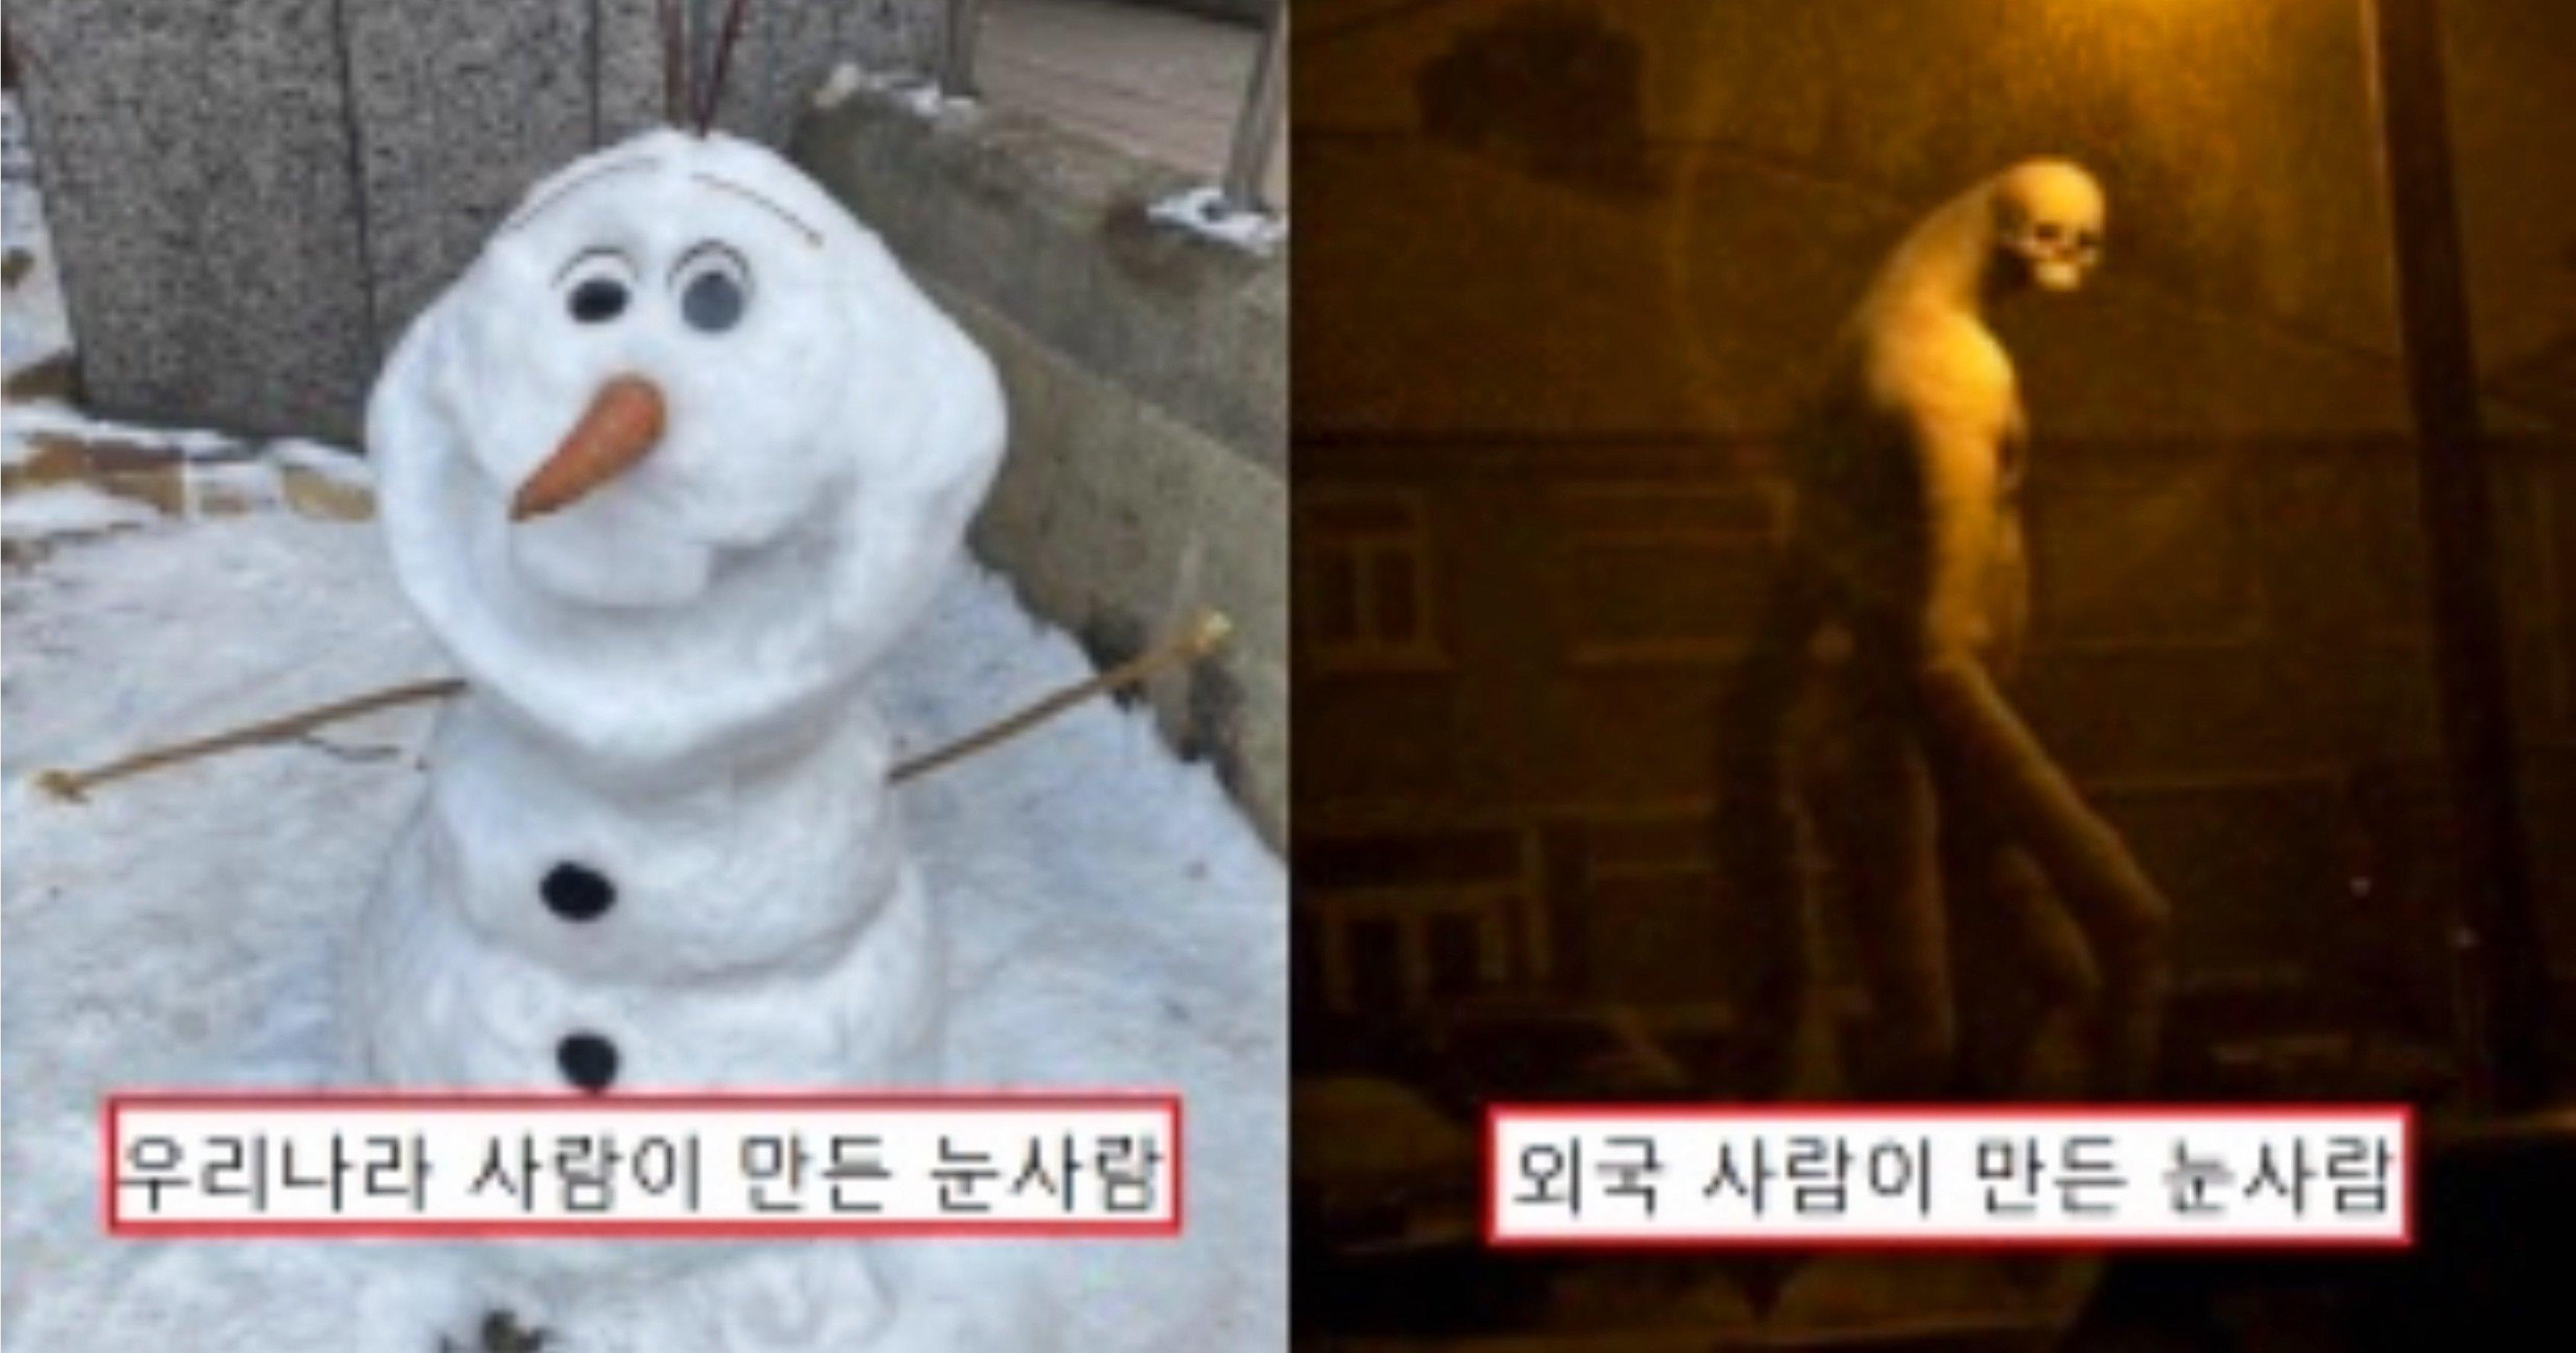 """601bfbe1 b880 4158 96af 0a949688d9be 1.jpeg?resize=1200,630 - """"한국인이 만드는 눈사람 vs 외국인이 만드는 눈사람""""..커뮤니티에서 난리 난 '퀄리티' 차이"""